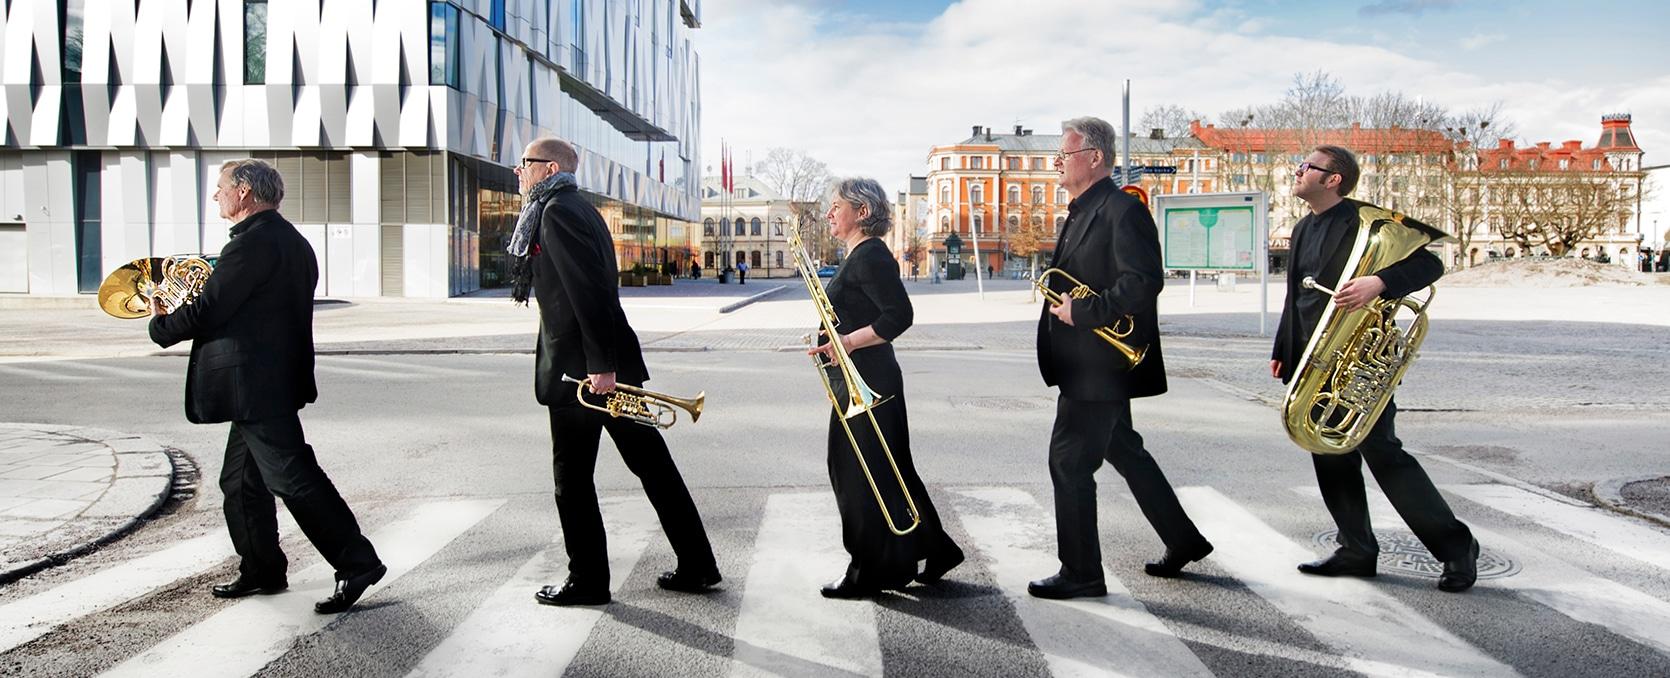 Linnékvintetten går över övergångsställe med sina instrument